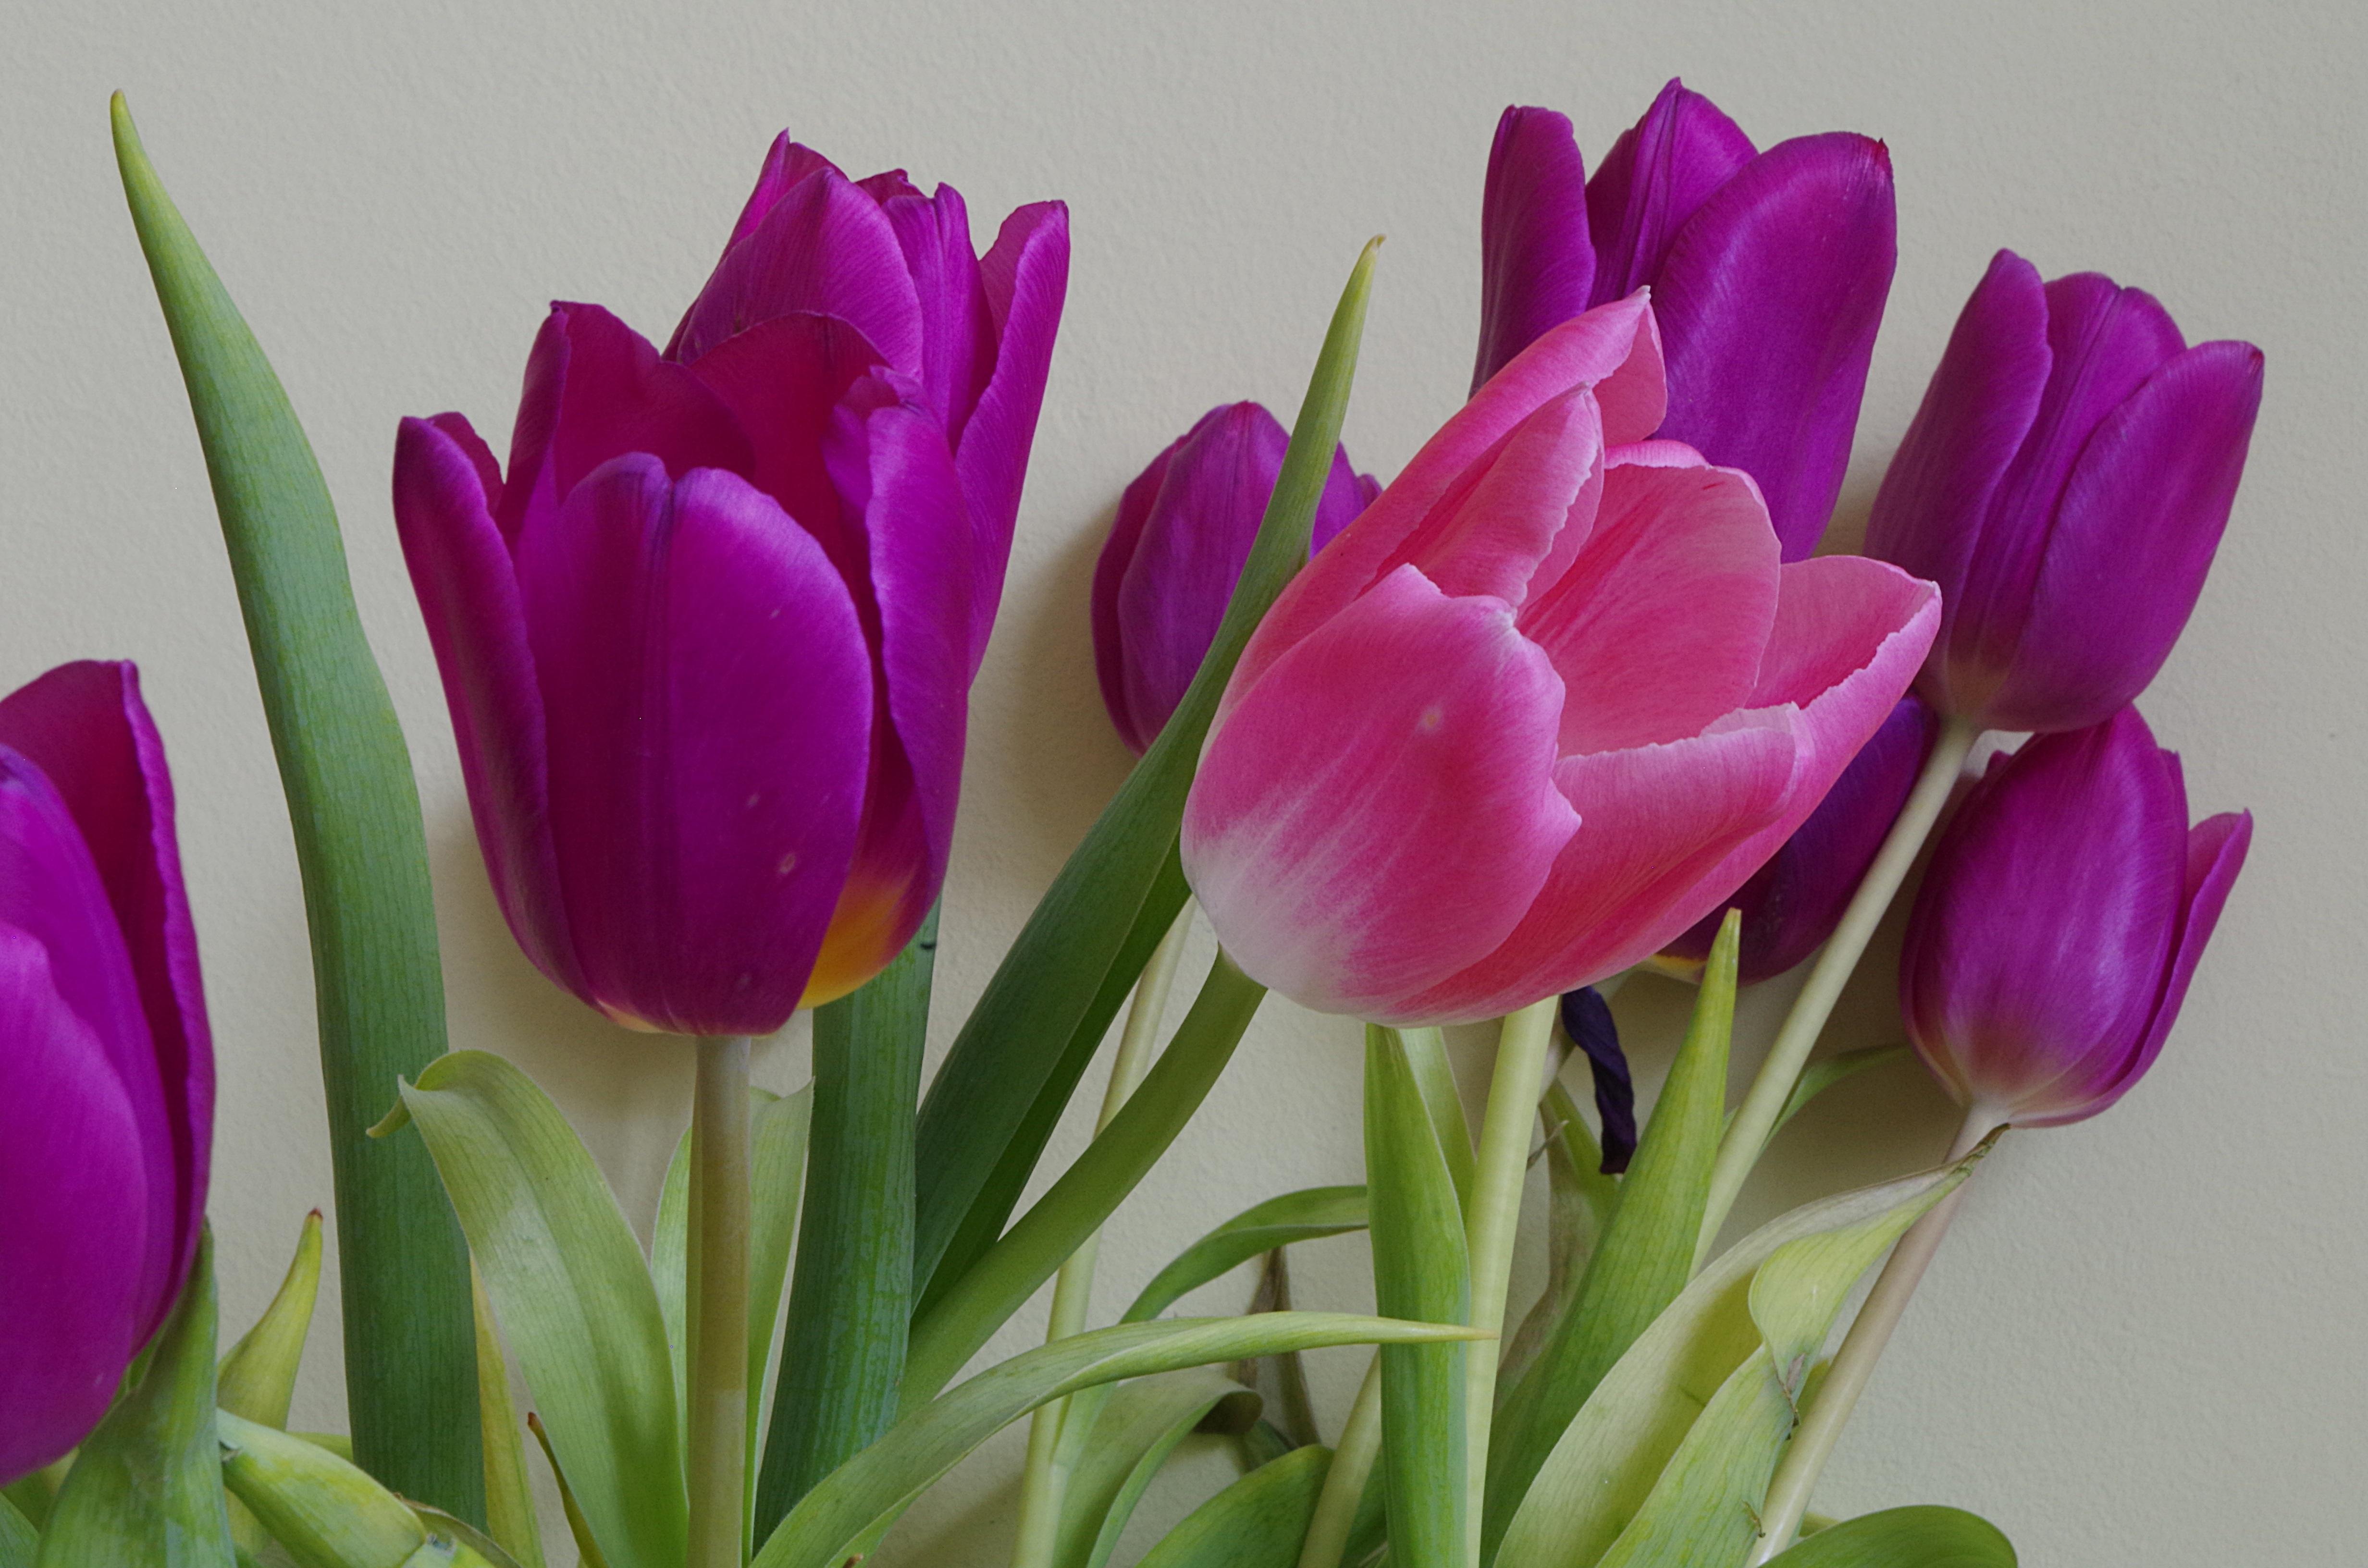 Fotos de flores tulipanes 53